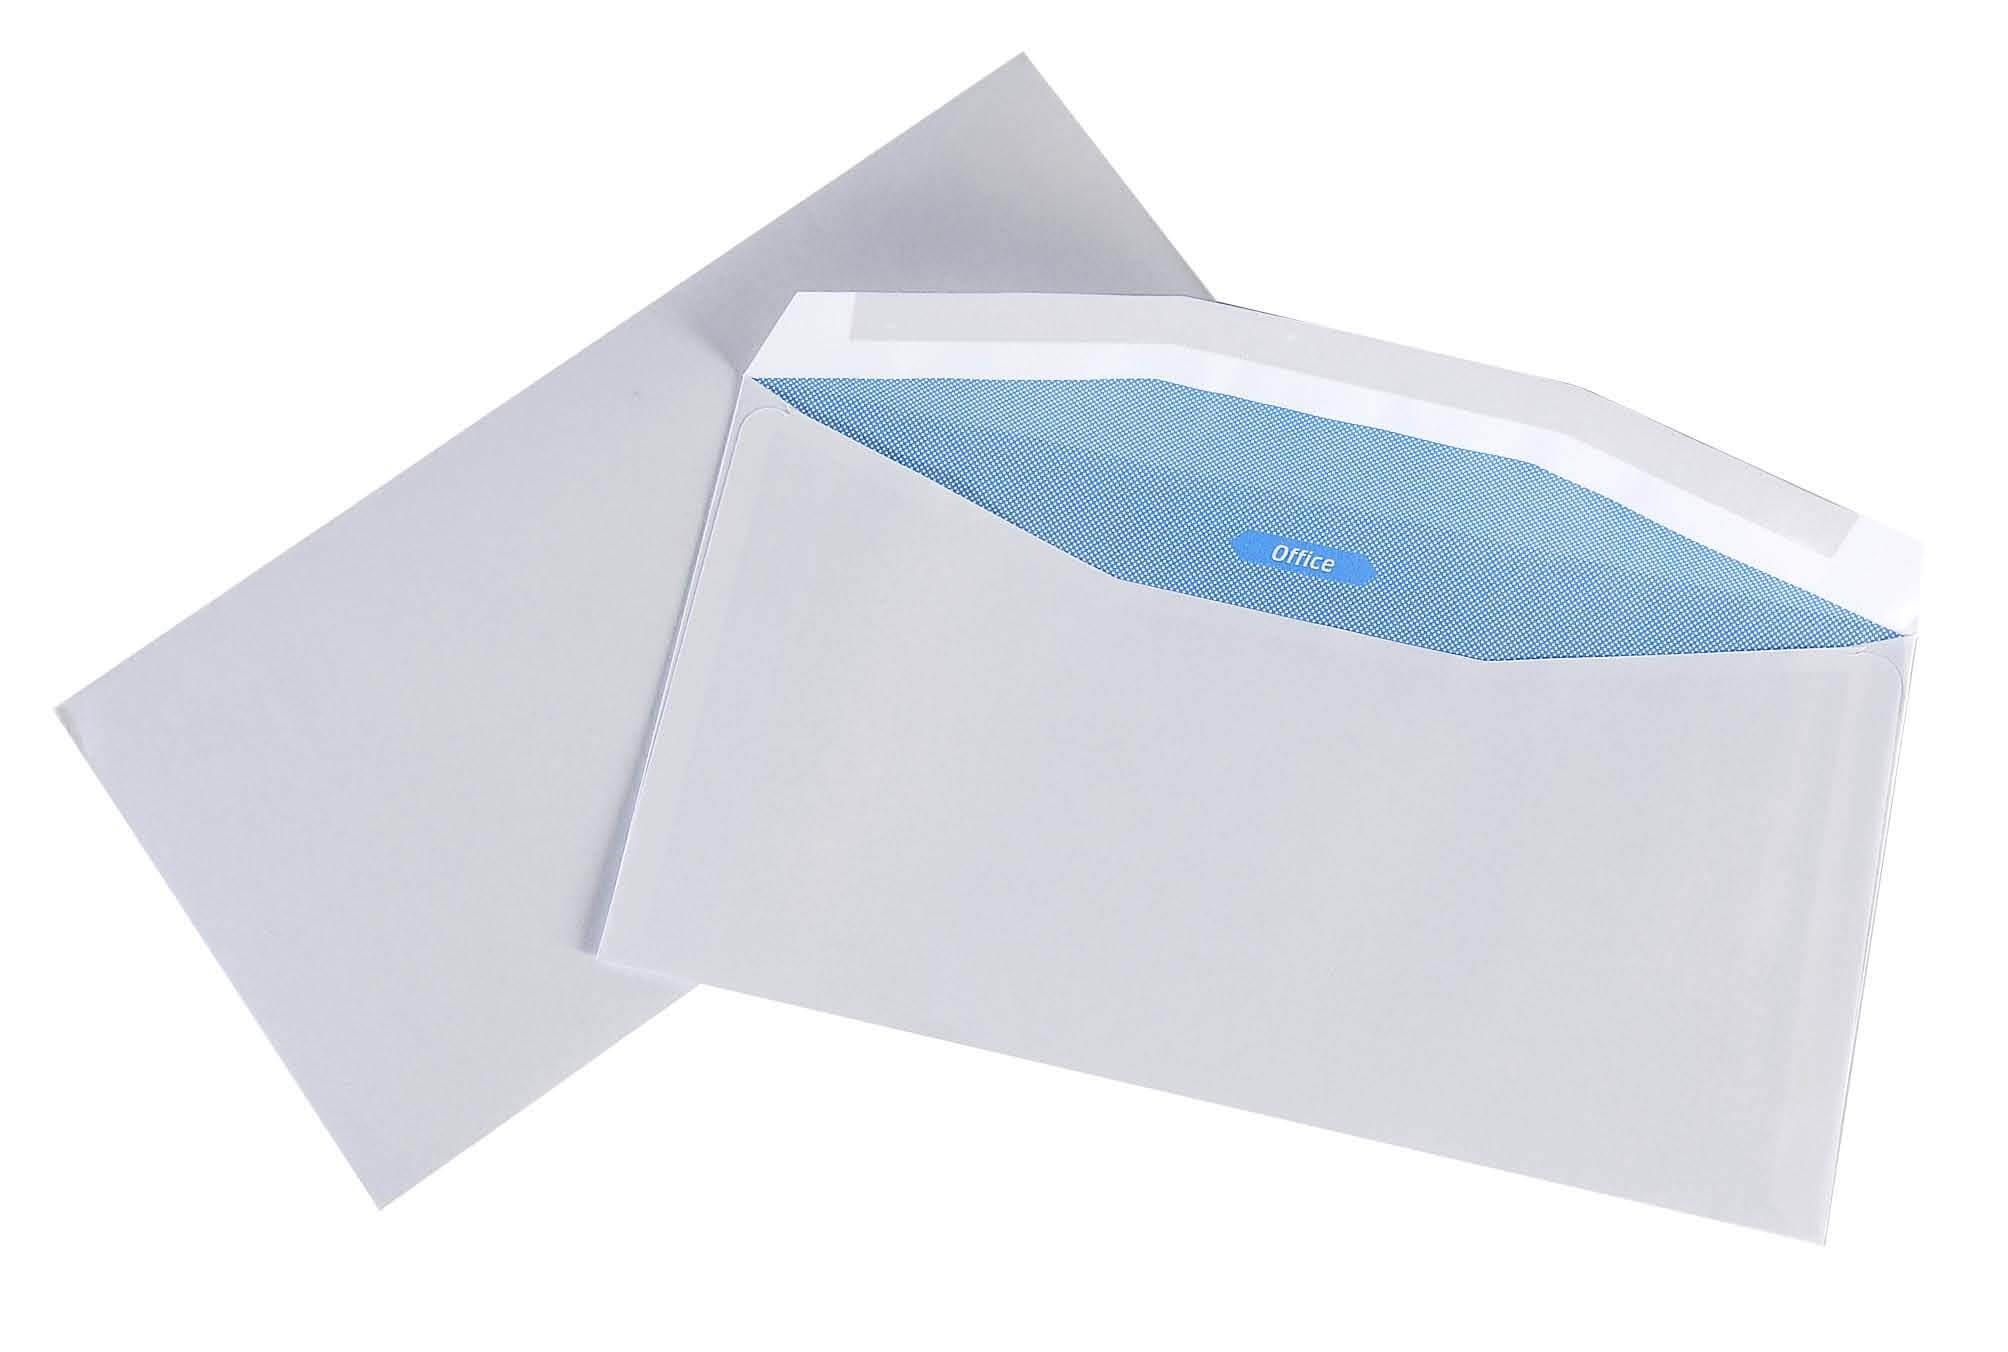 Pdf enveloppe sans fenetre for Enveloppe sans fenetre